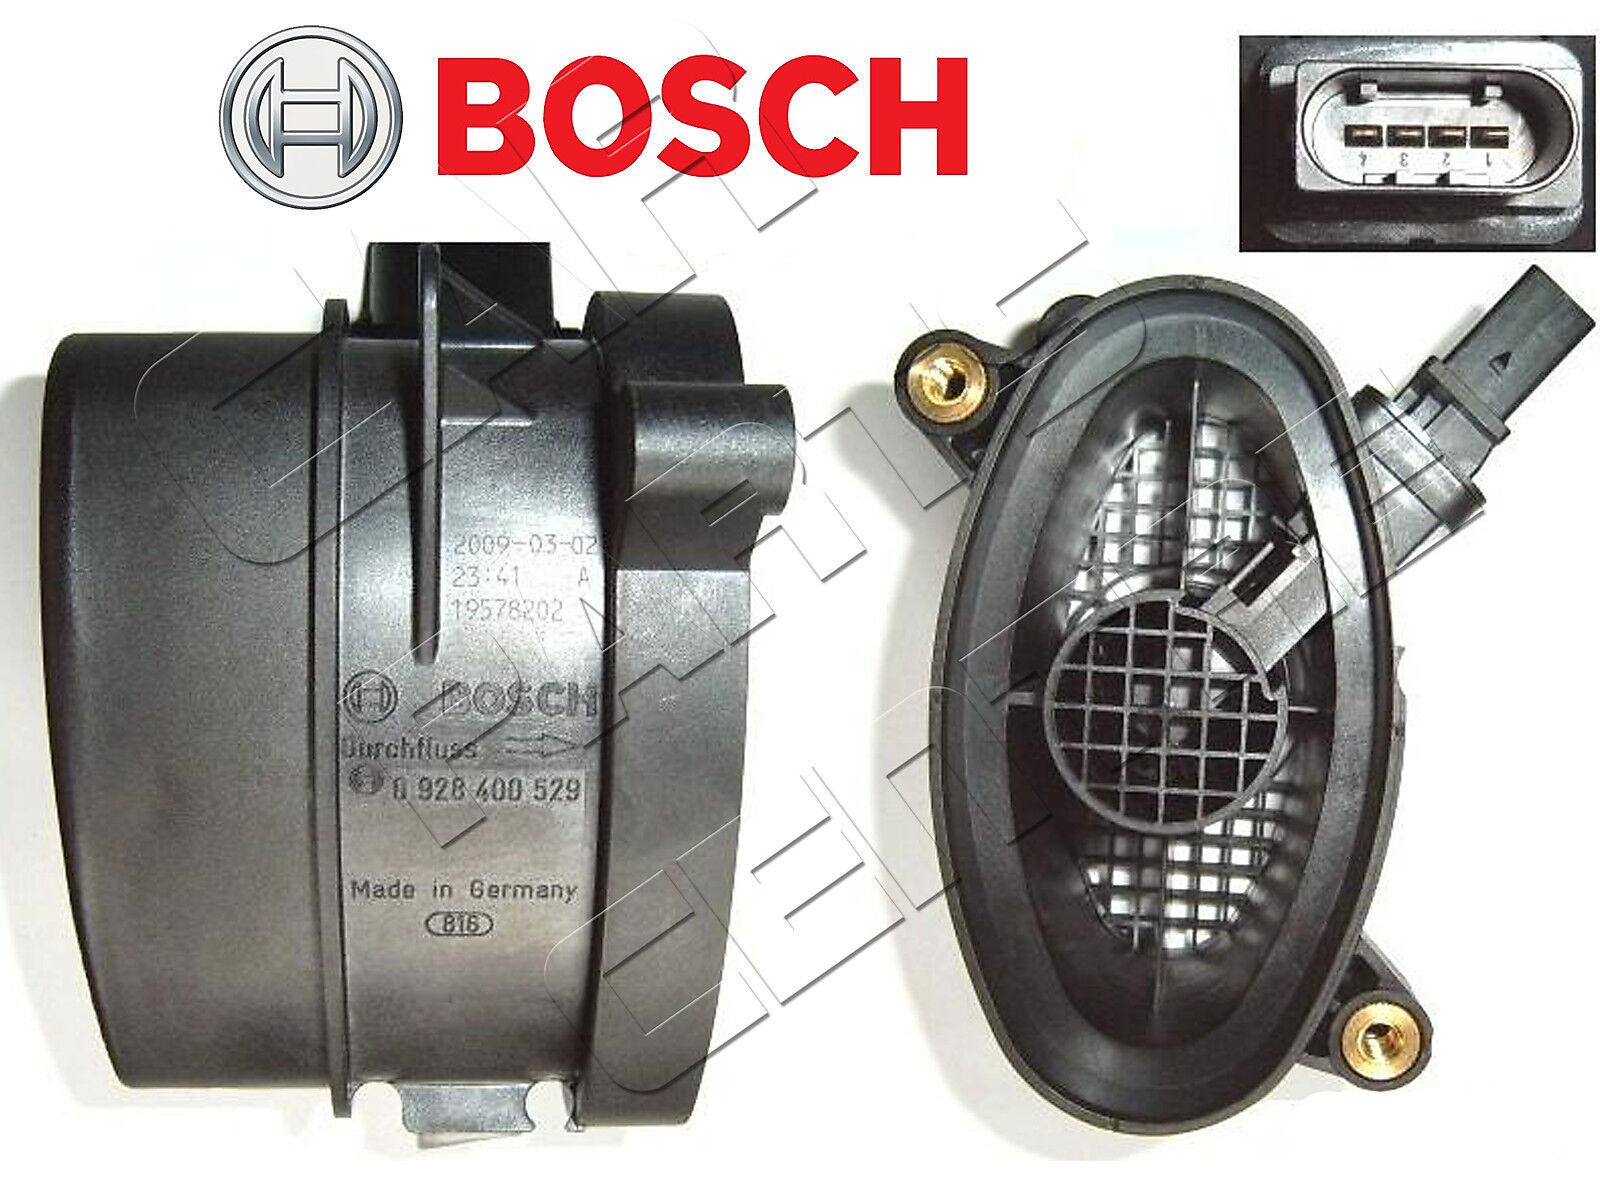 Para Bosch Sensor De Flujo De Aire Medidor De Masa BMW 530D 525D 520 330D 320D 325D X5 3.0D